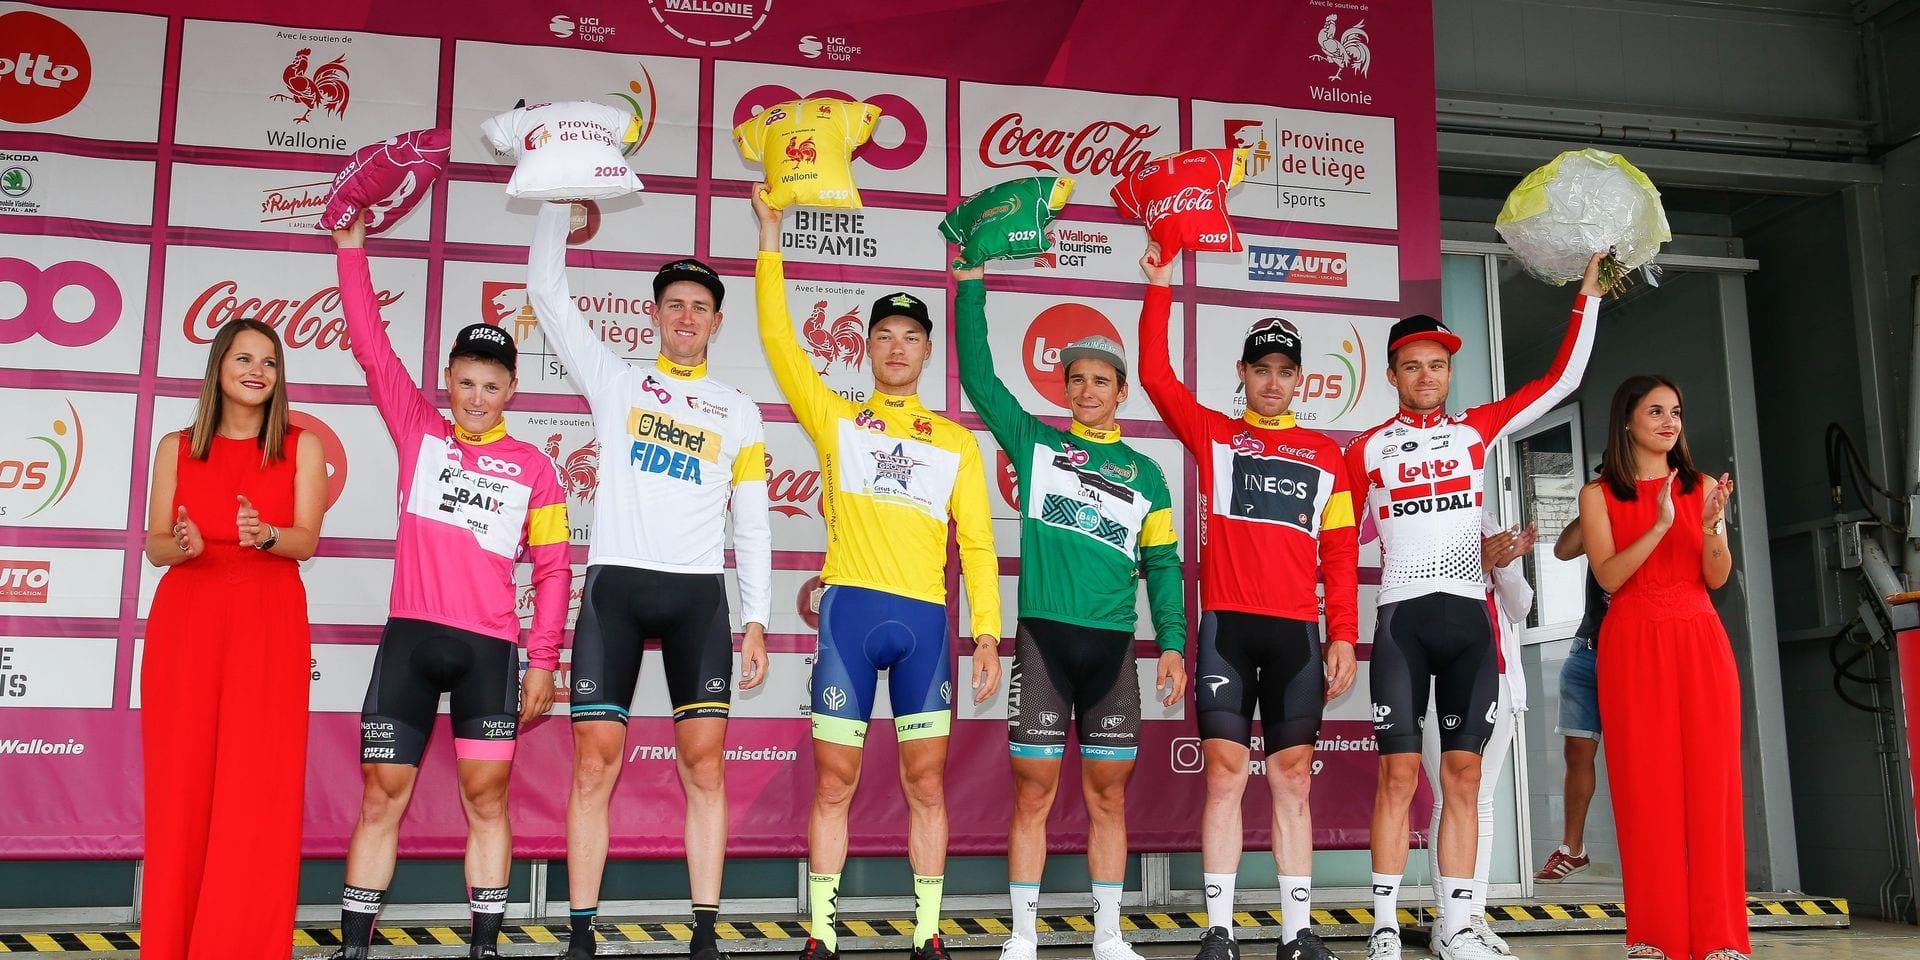 """Christophe Brandt, directeur du Tour de Wallonie, optimiste avant la course: """"Aucune raison que ça se passe mal"""""""